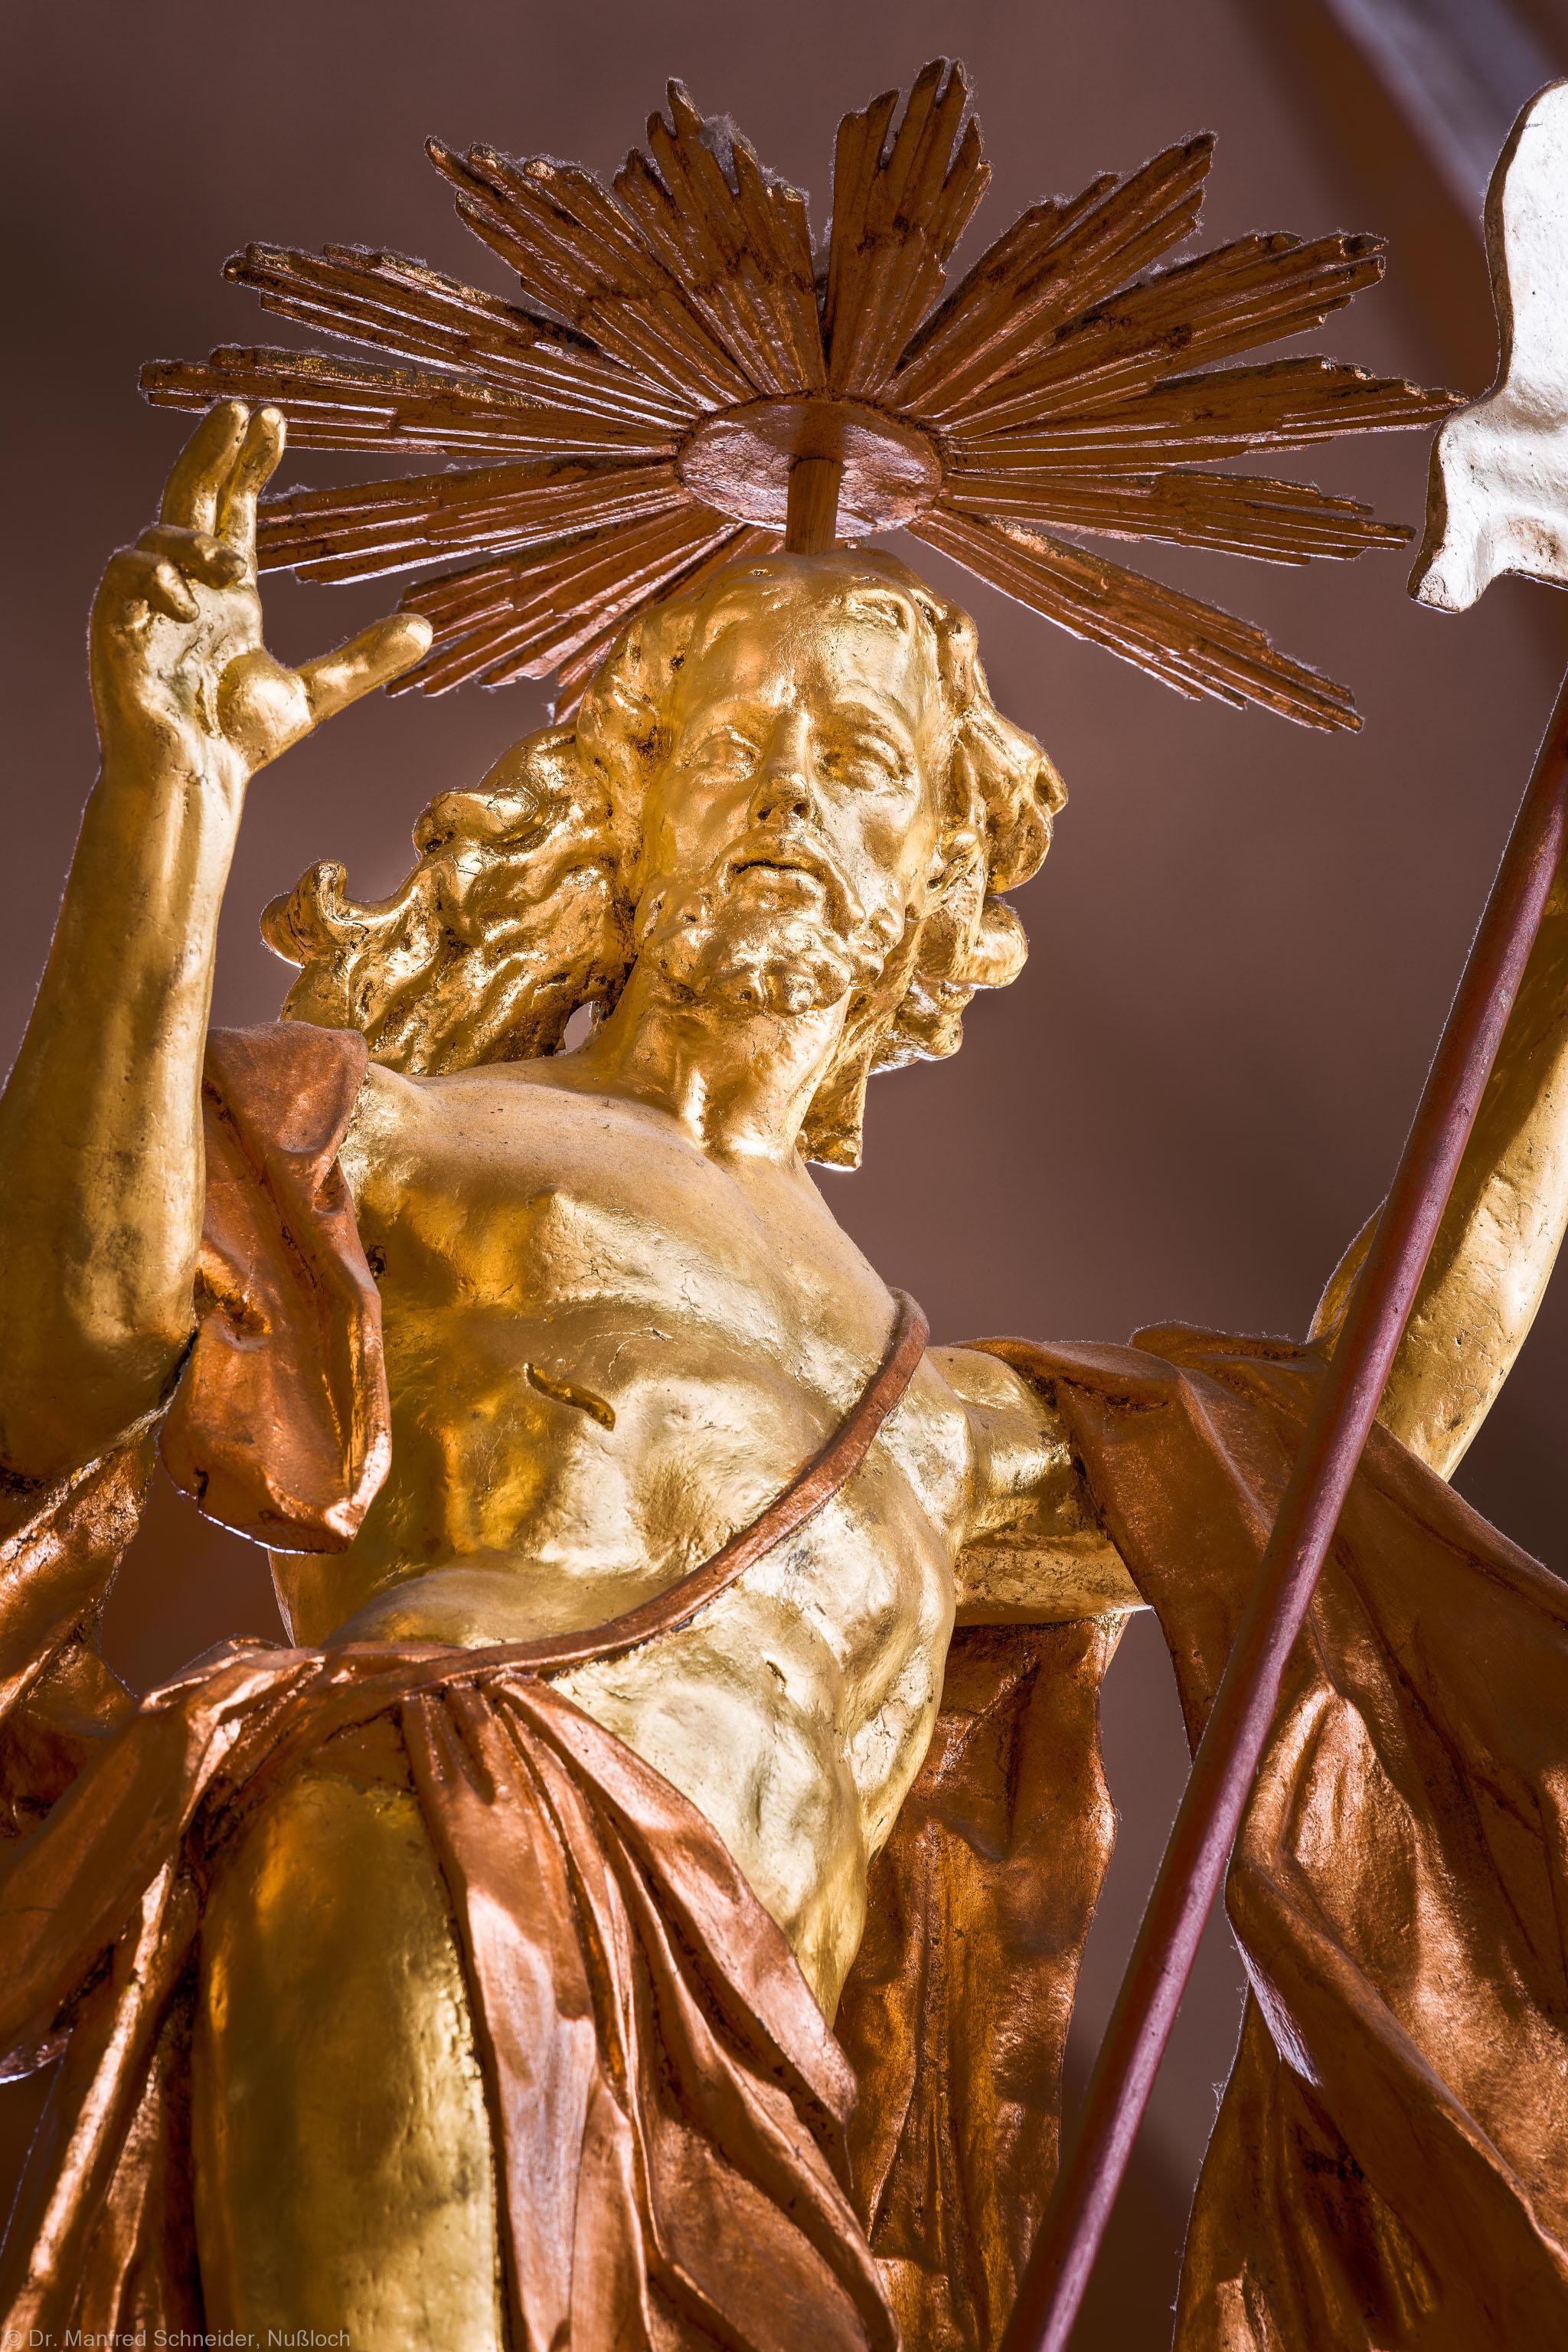 Heidelberg - Heiliggeistkirche - Kanzel - Christusfigur der Kanzel (aufgenommen im Oktober 2014, am Nachmittag)